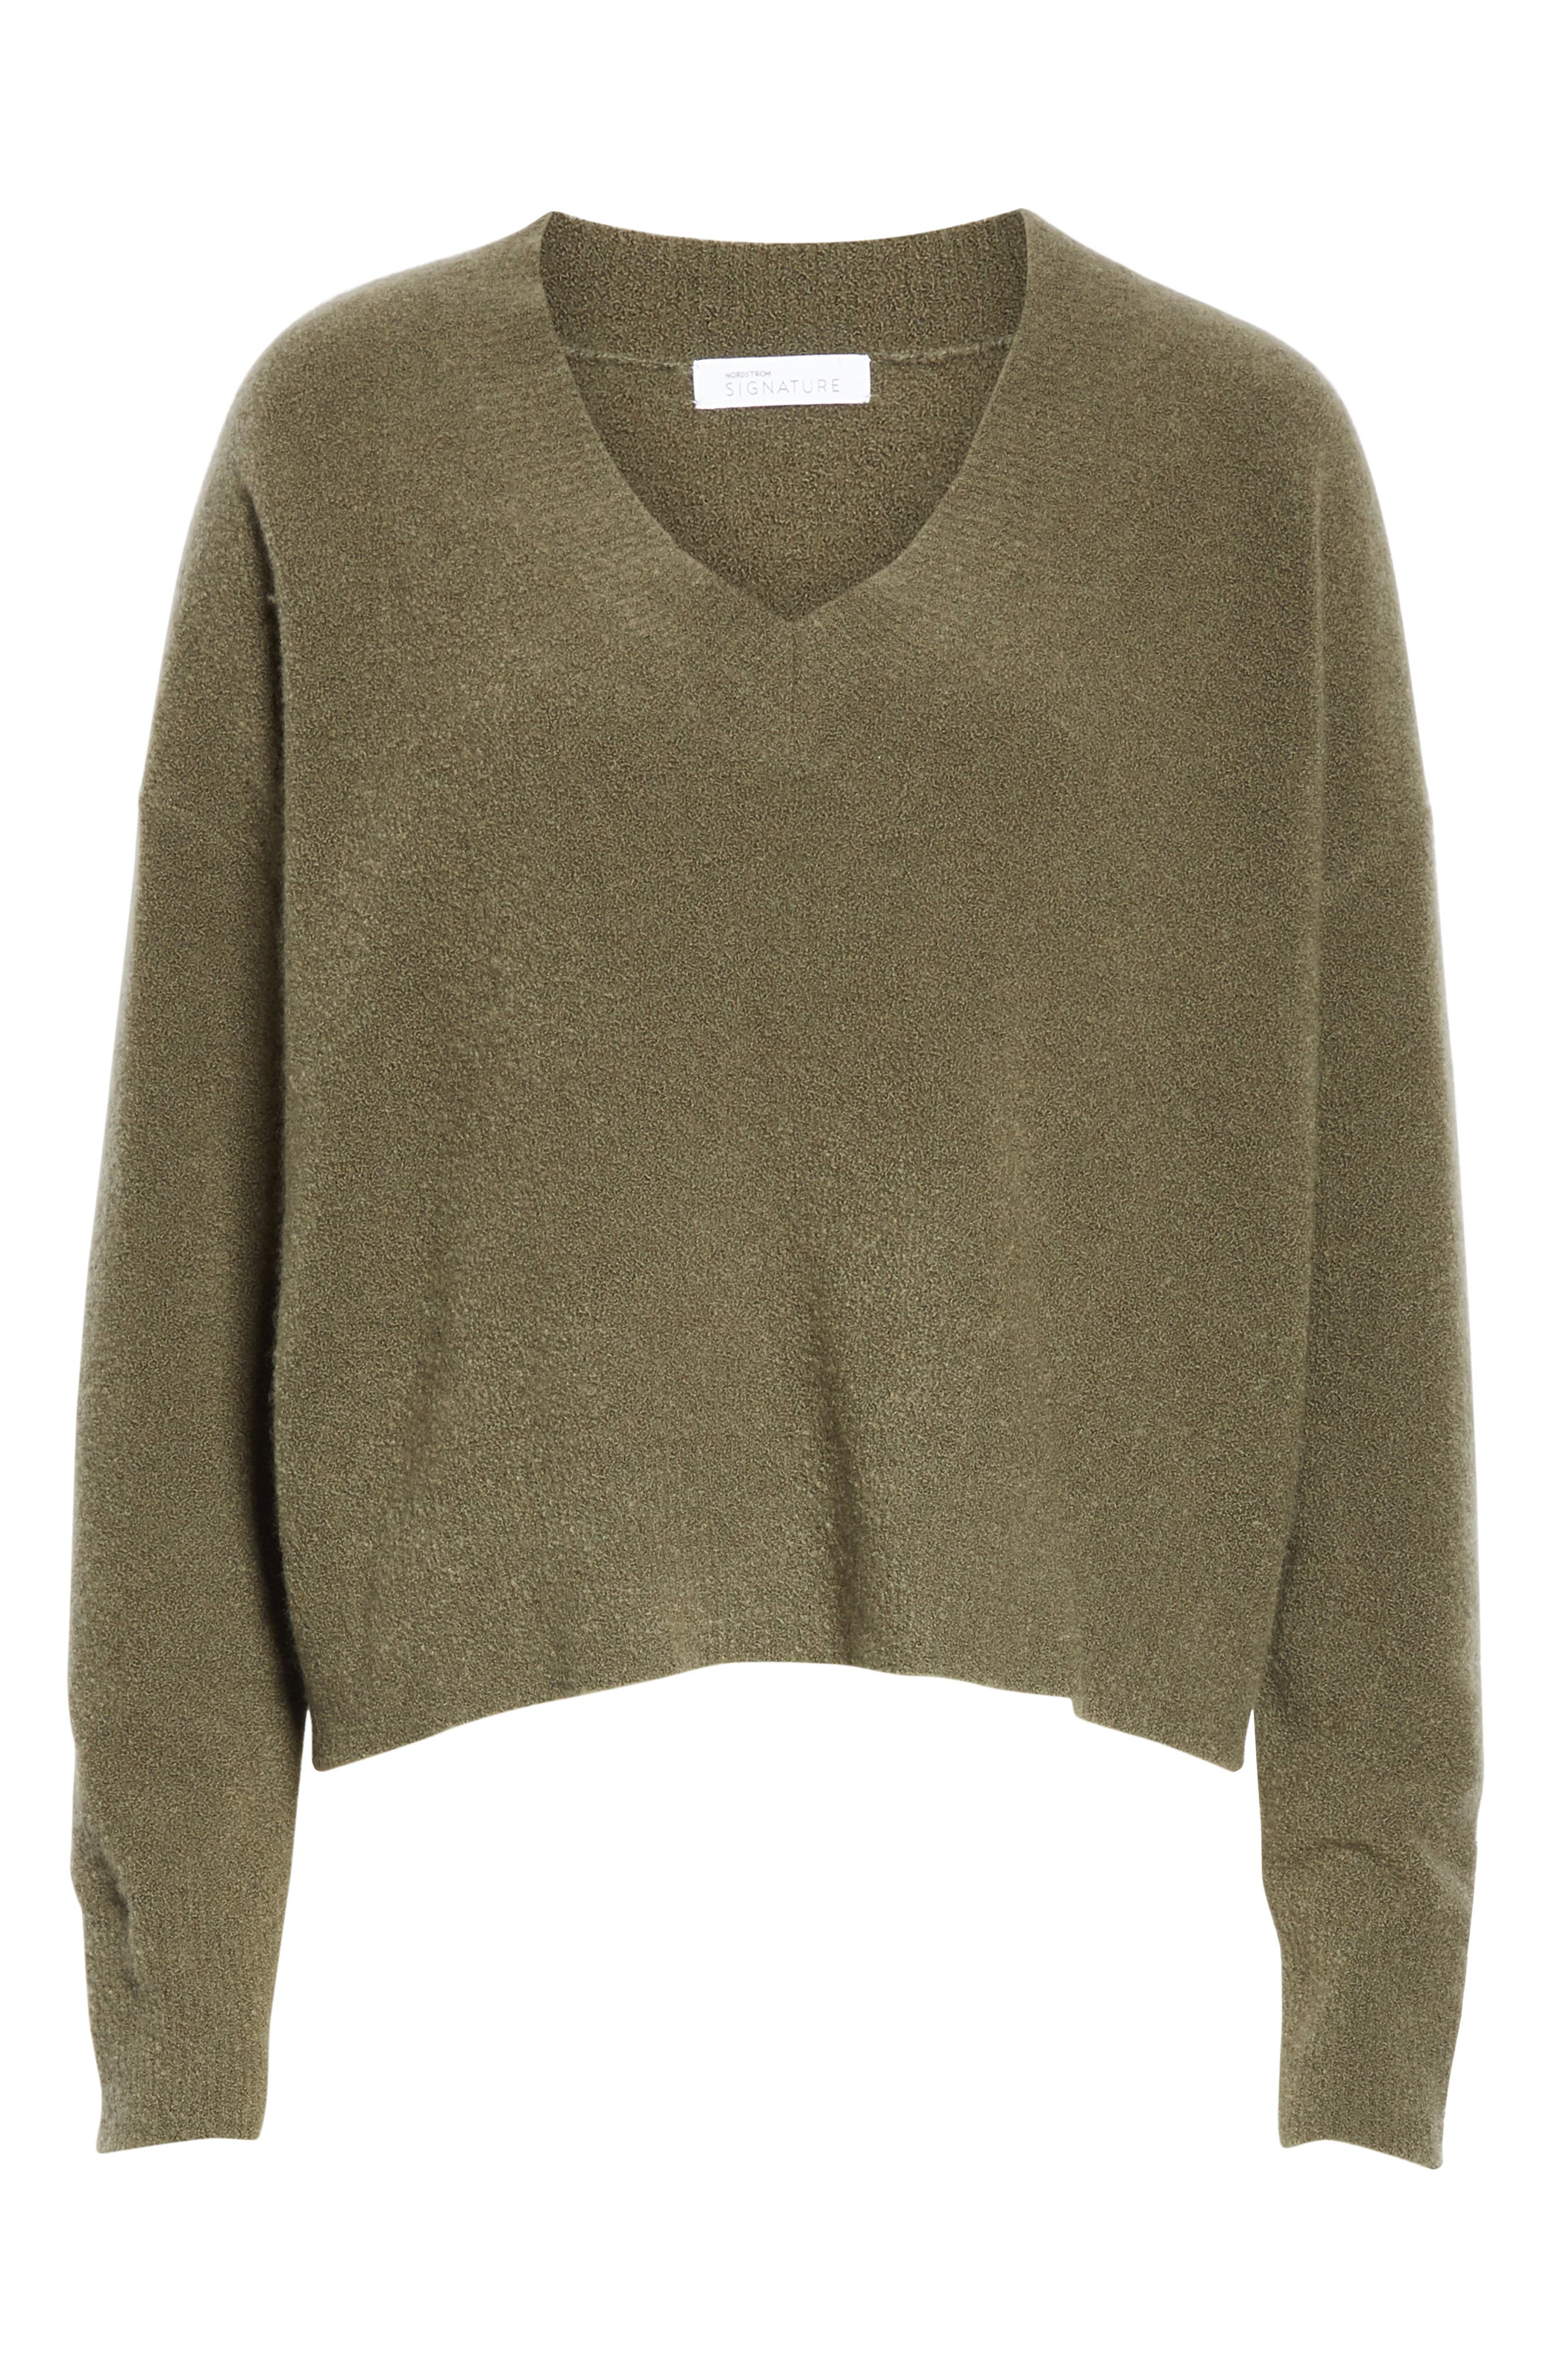 Cashmere Blend Bouclé Sweater,                             Alternate thumbnail 6, color,                             OLIVE IVY HEATHER